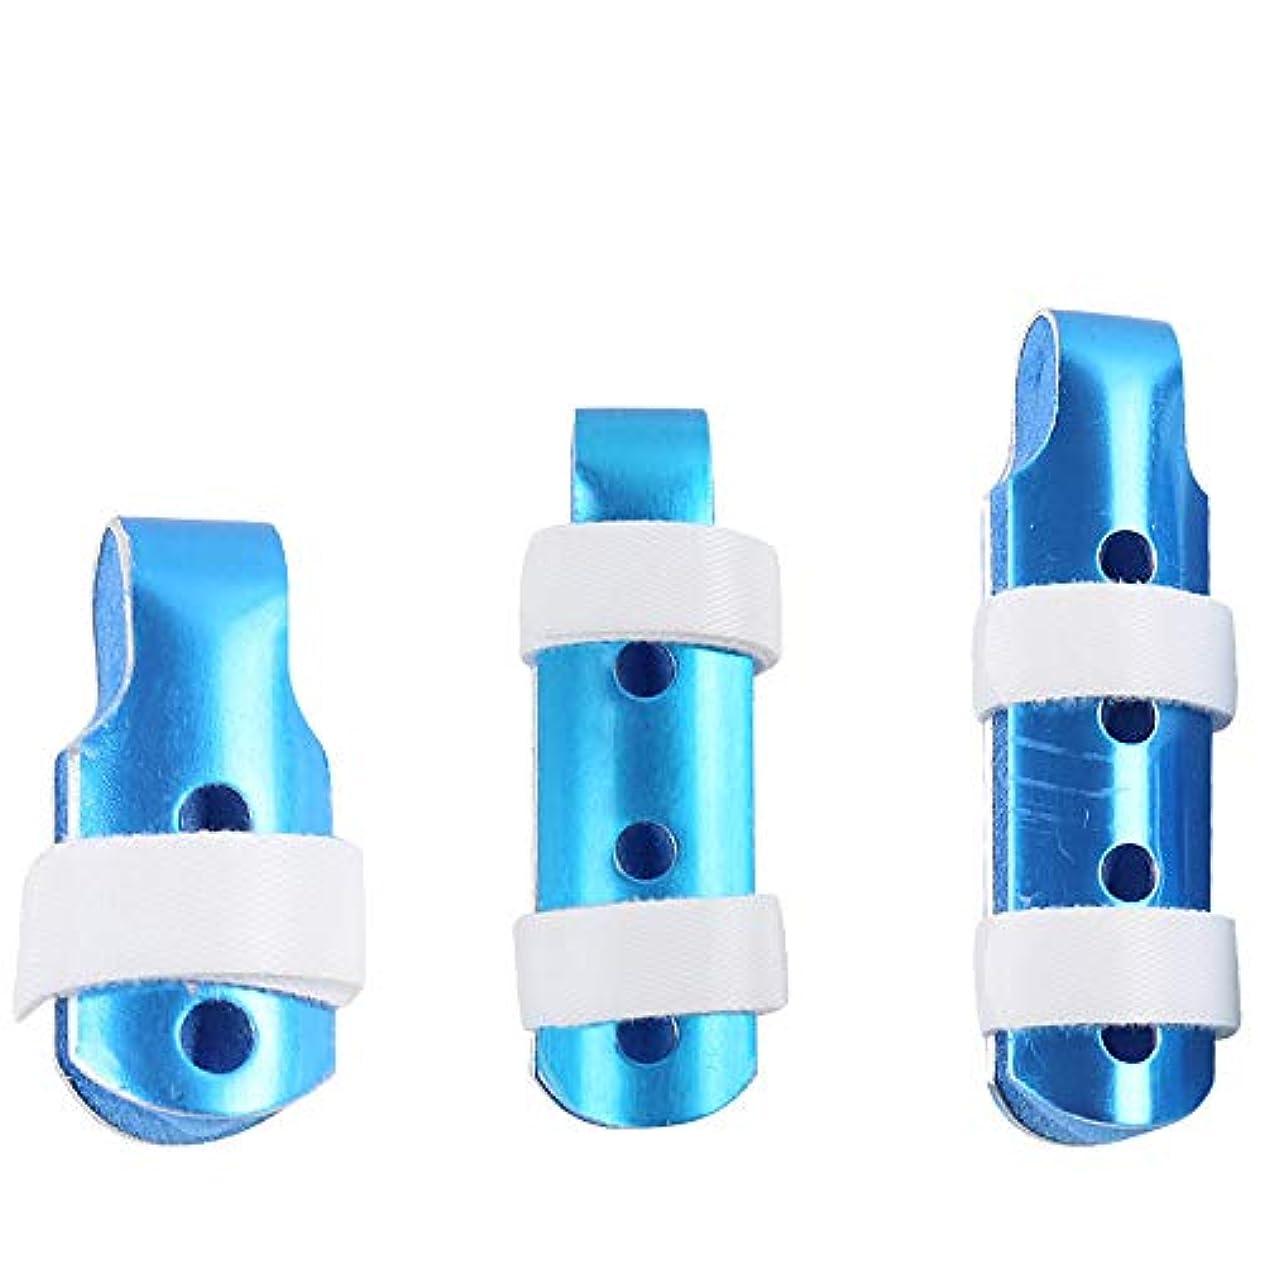 指の添え木、調節可能なサポート引き金、関節保護指の傷害防止用プロテクター、フックとループストラップで折り重ね(3個)